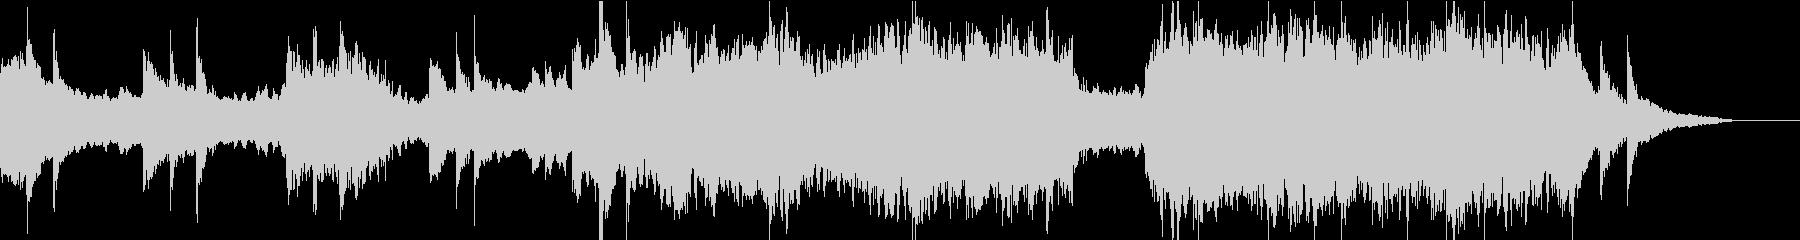 企業VPや映像に感動的ヴァイオリンBGMの未再生の波形